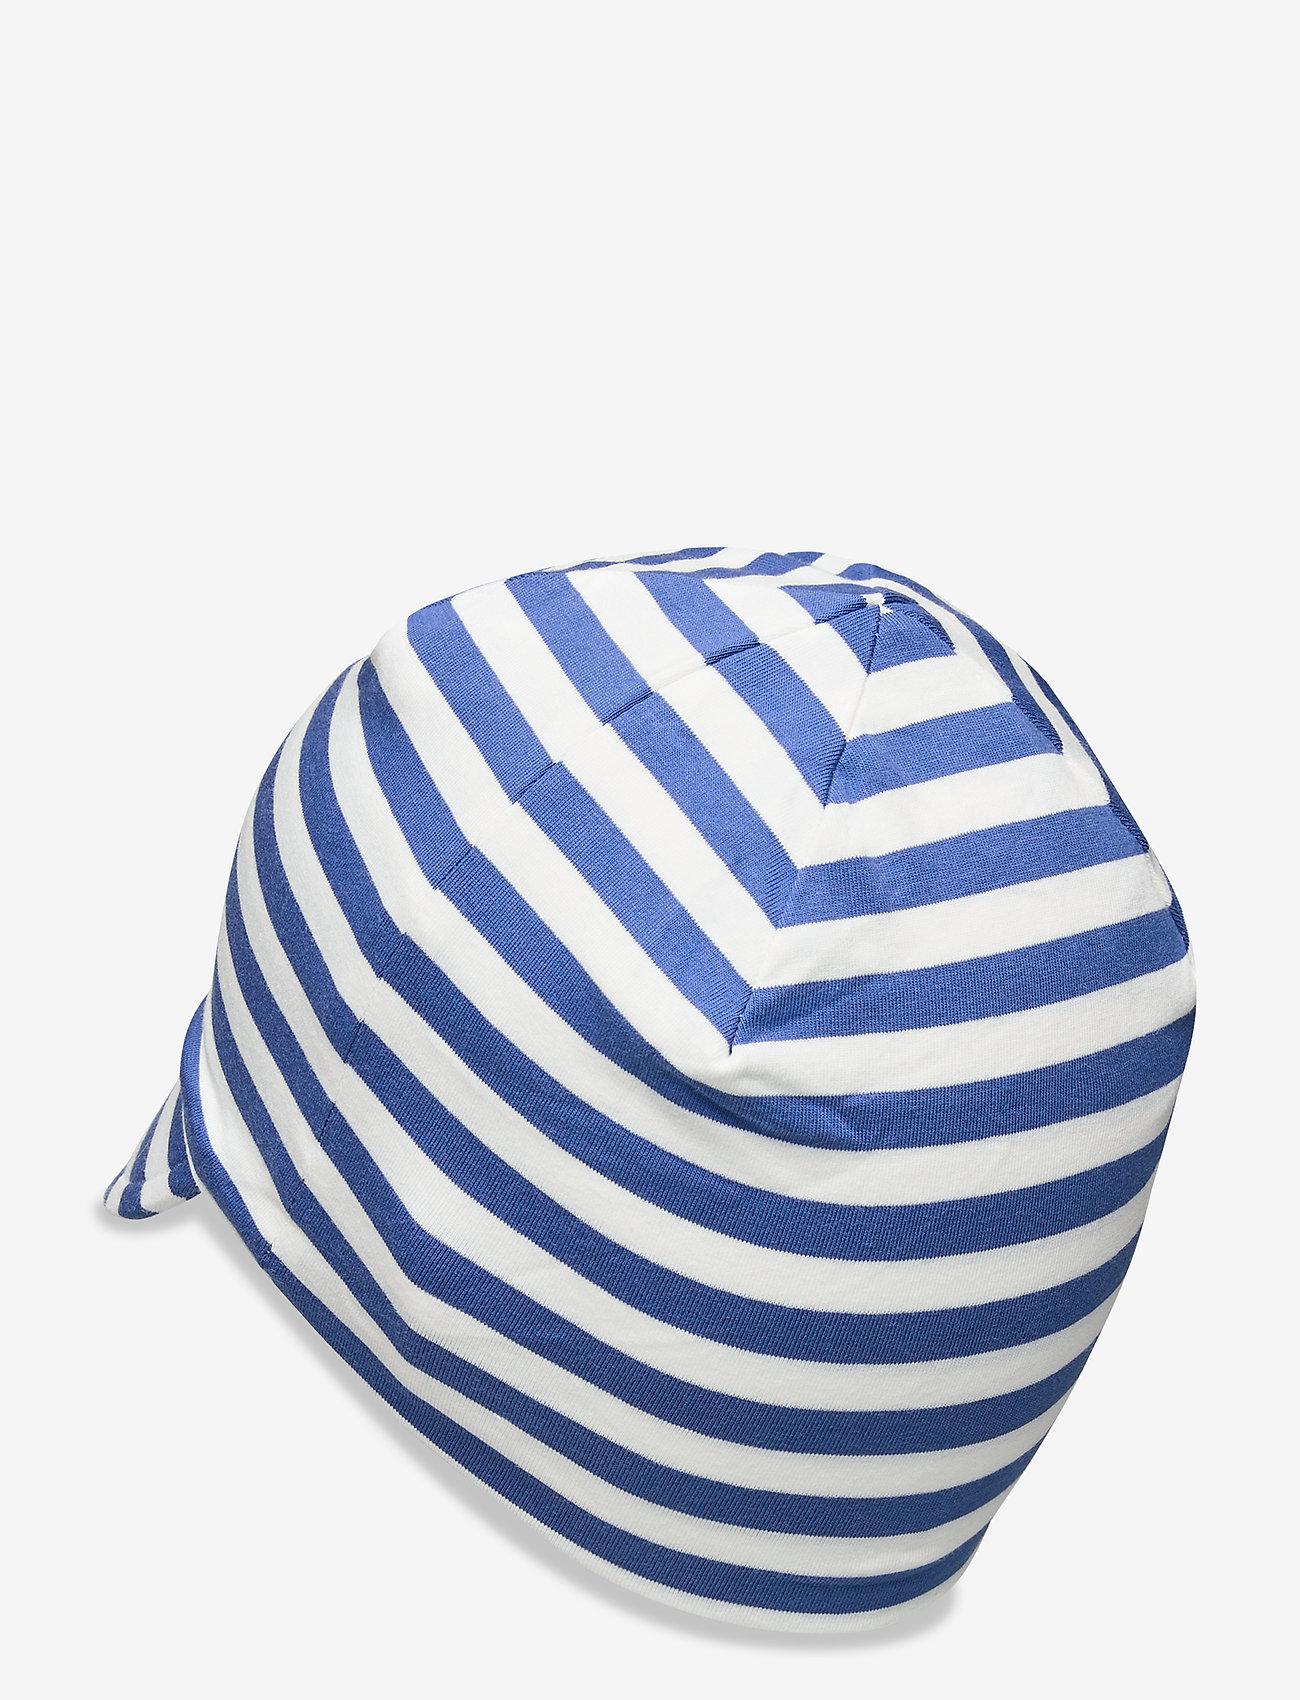 Martinex - PIPPI CAP - huer & kasketter - blue - 1